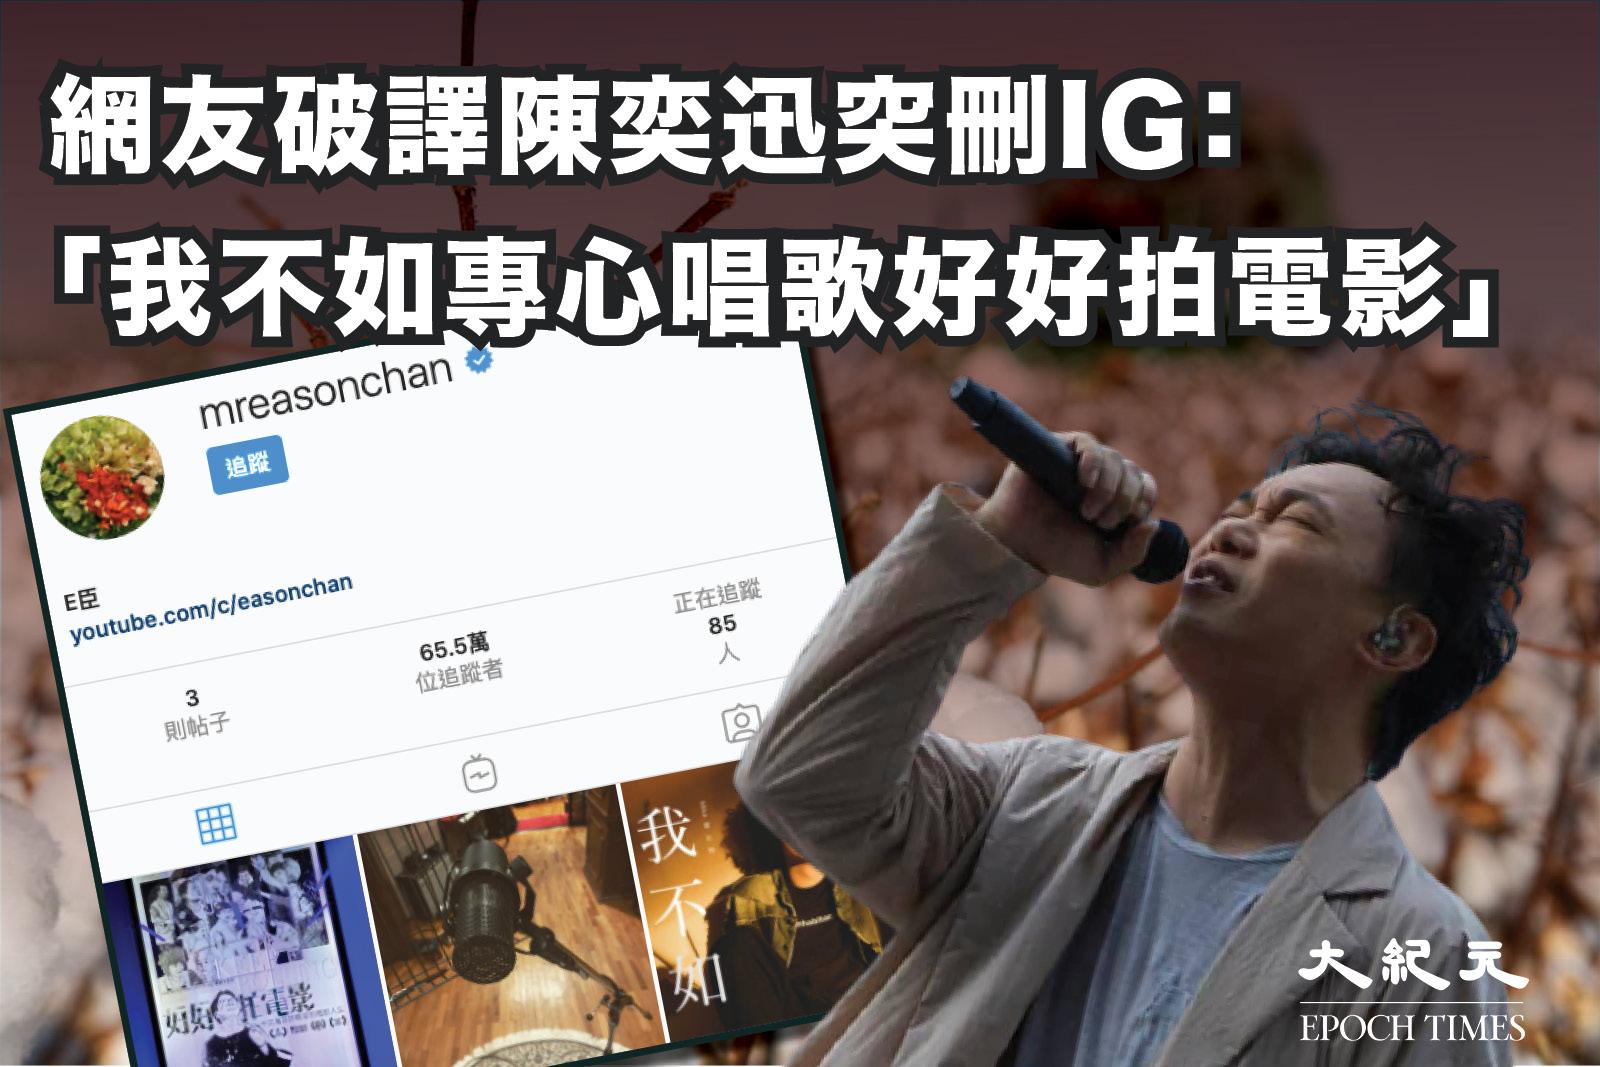 陳奕迅捲入「新疆棉」風波後,眼尖的網民發現,其Instagram(IG)刪到只剩三條帖文,疑似吐露某種無奈心境。(大紀元製圖)